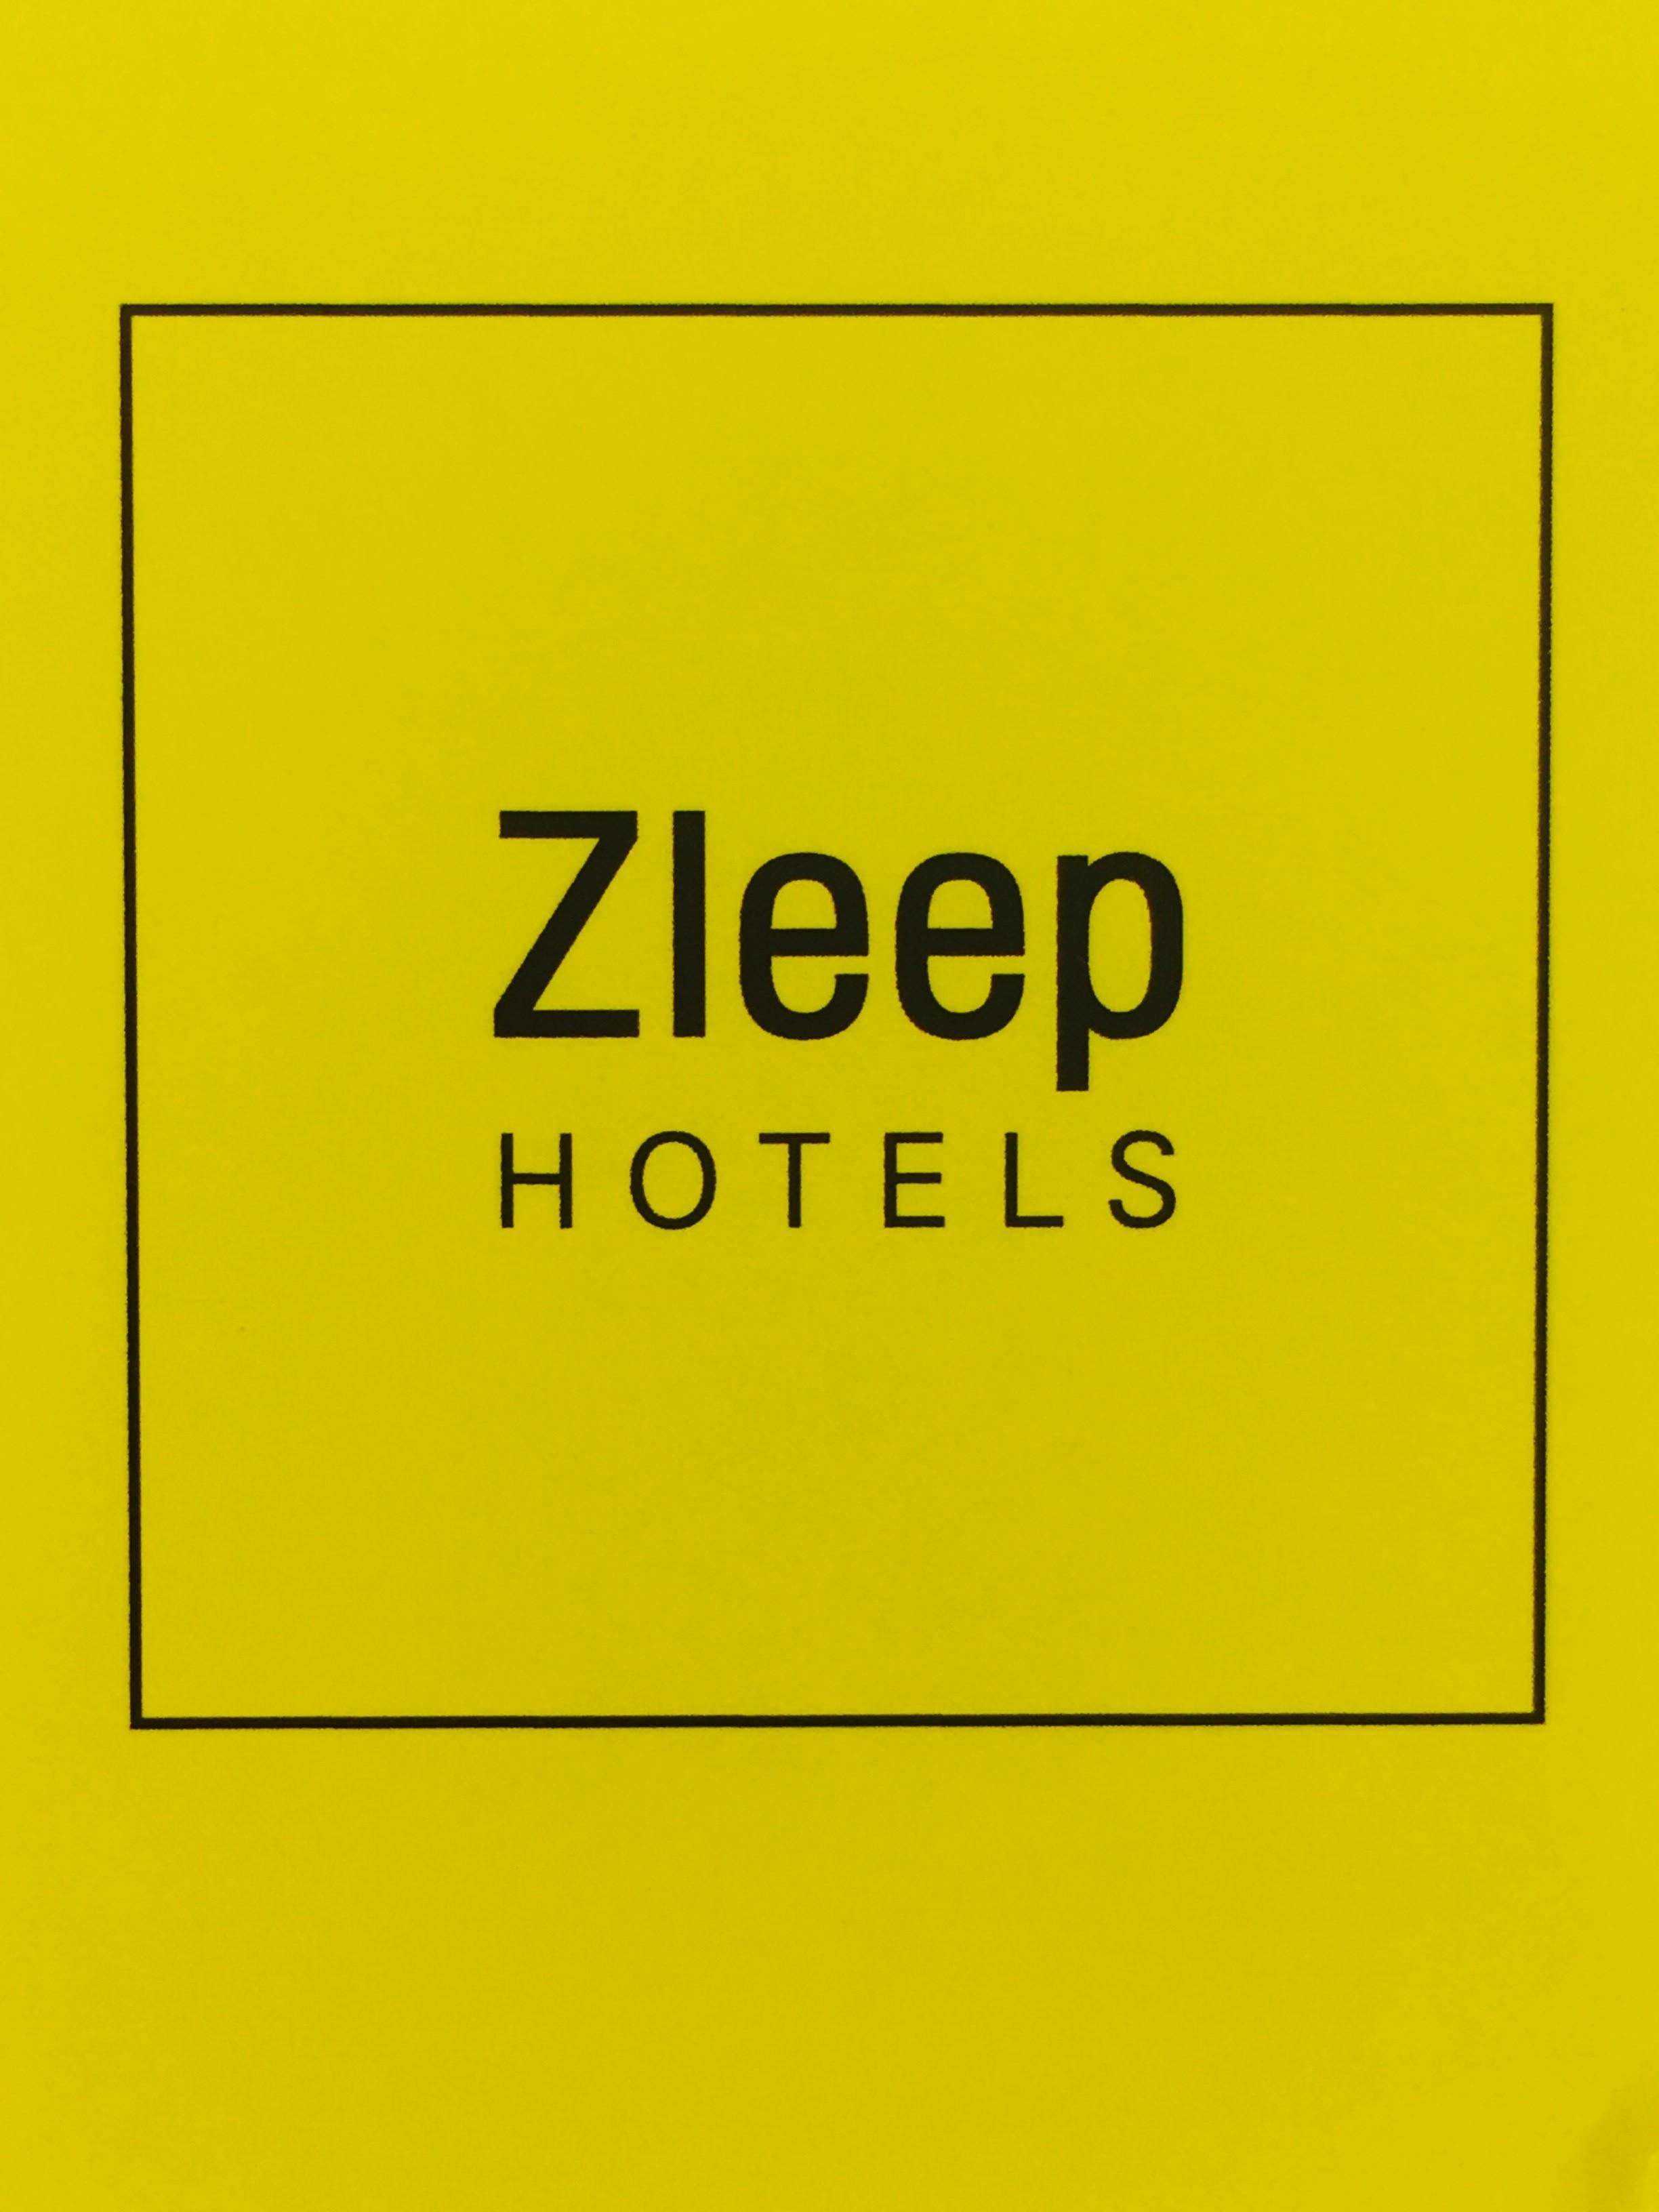 Billedresultat for zleep hotel logo